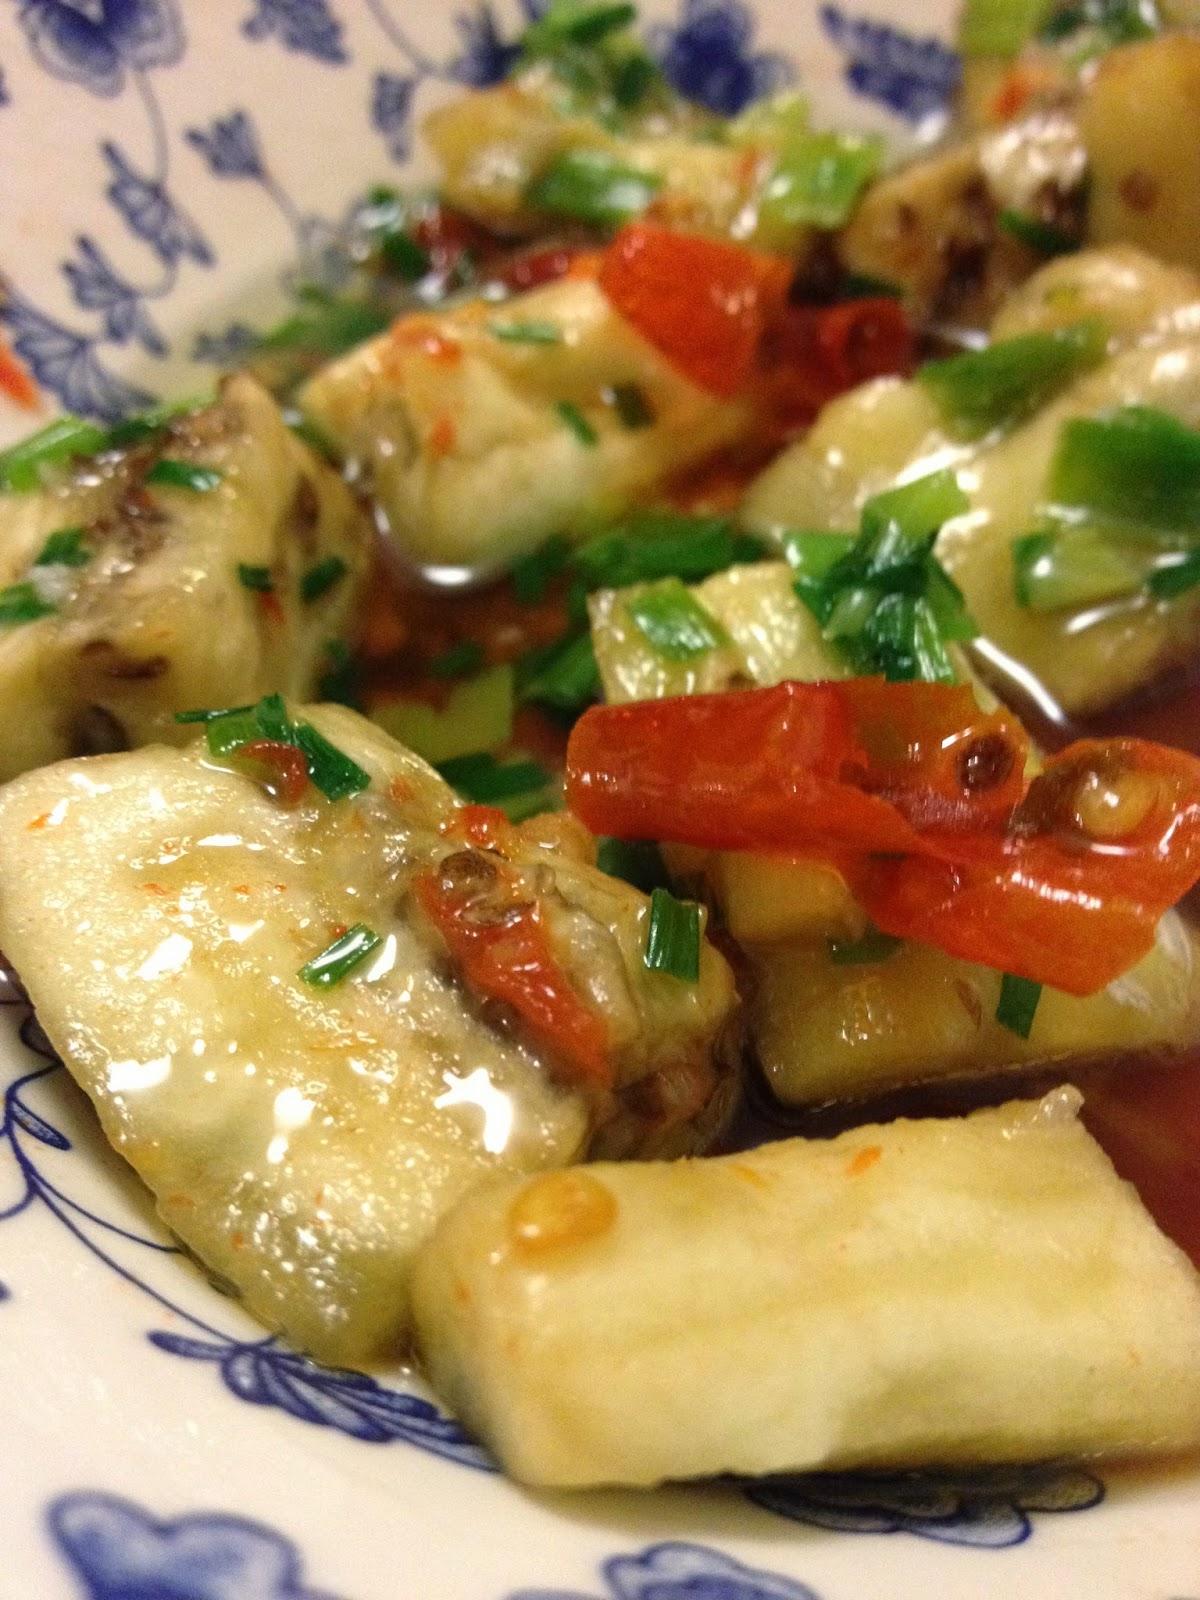 Sweet Kwisine, aubergine, sauce chien, bouquet garni, piment, cuisine antillaise, sauce créole, citron vert, aubergines vapeur, piment, cuisine végétarienne